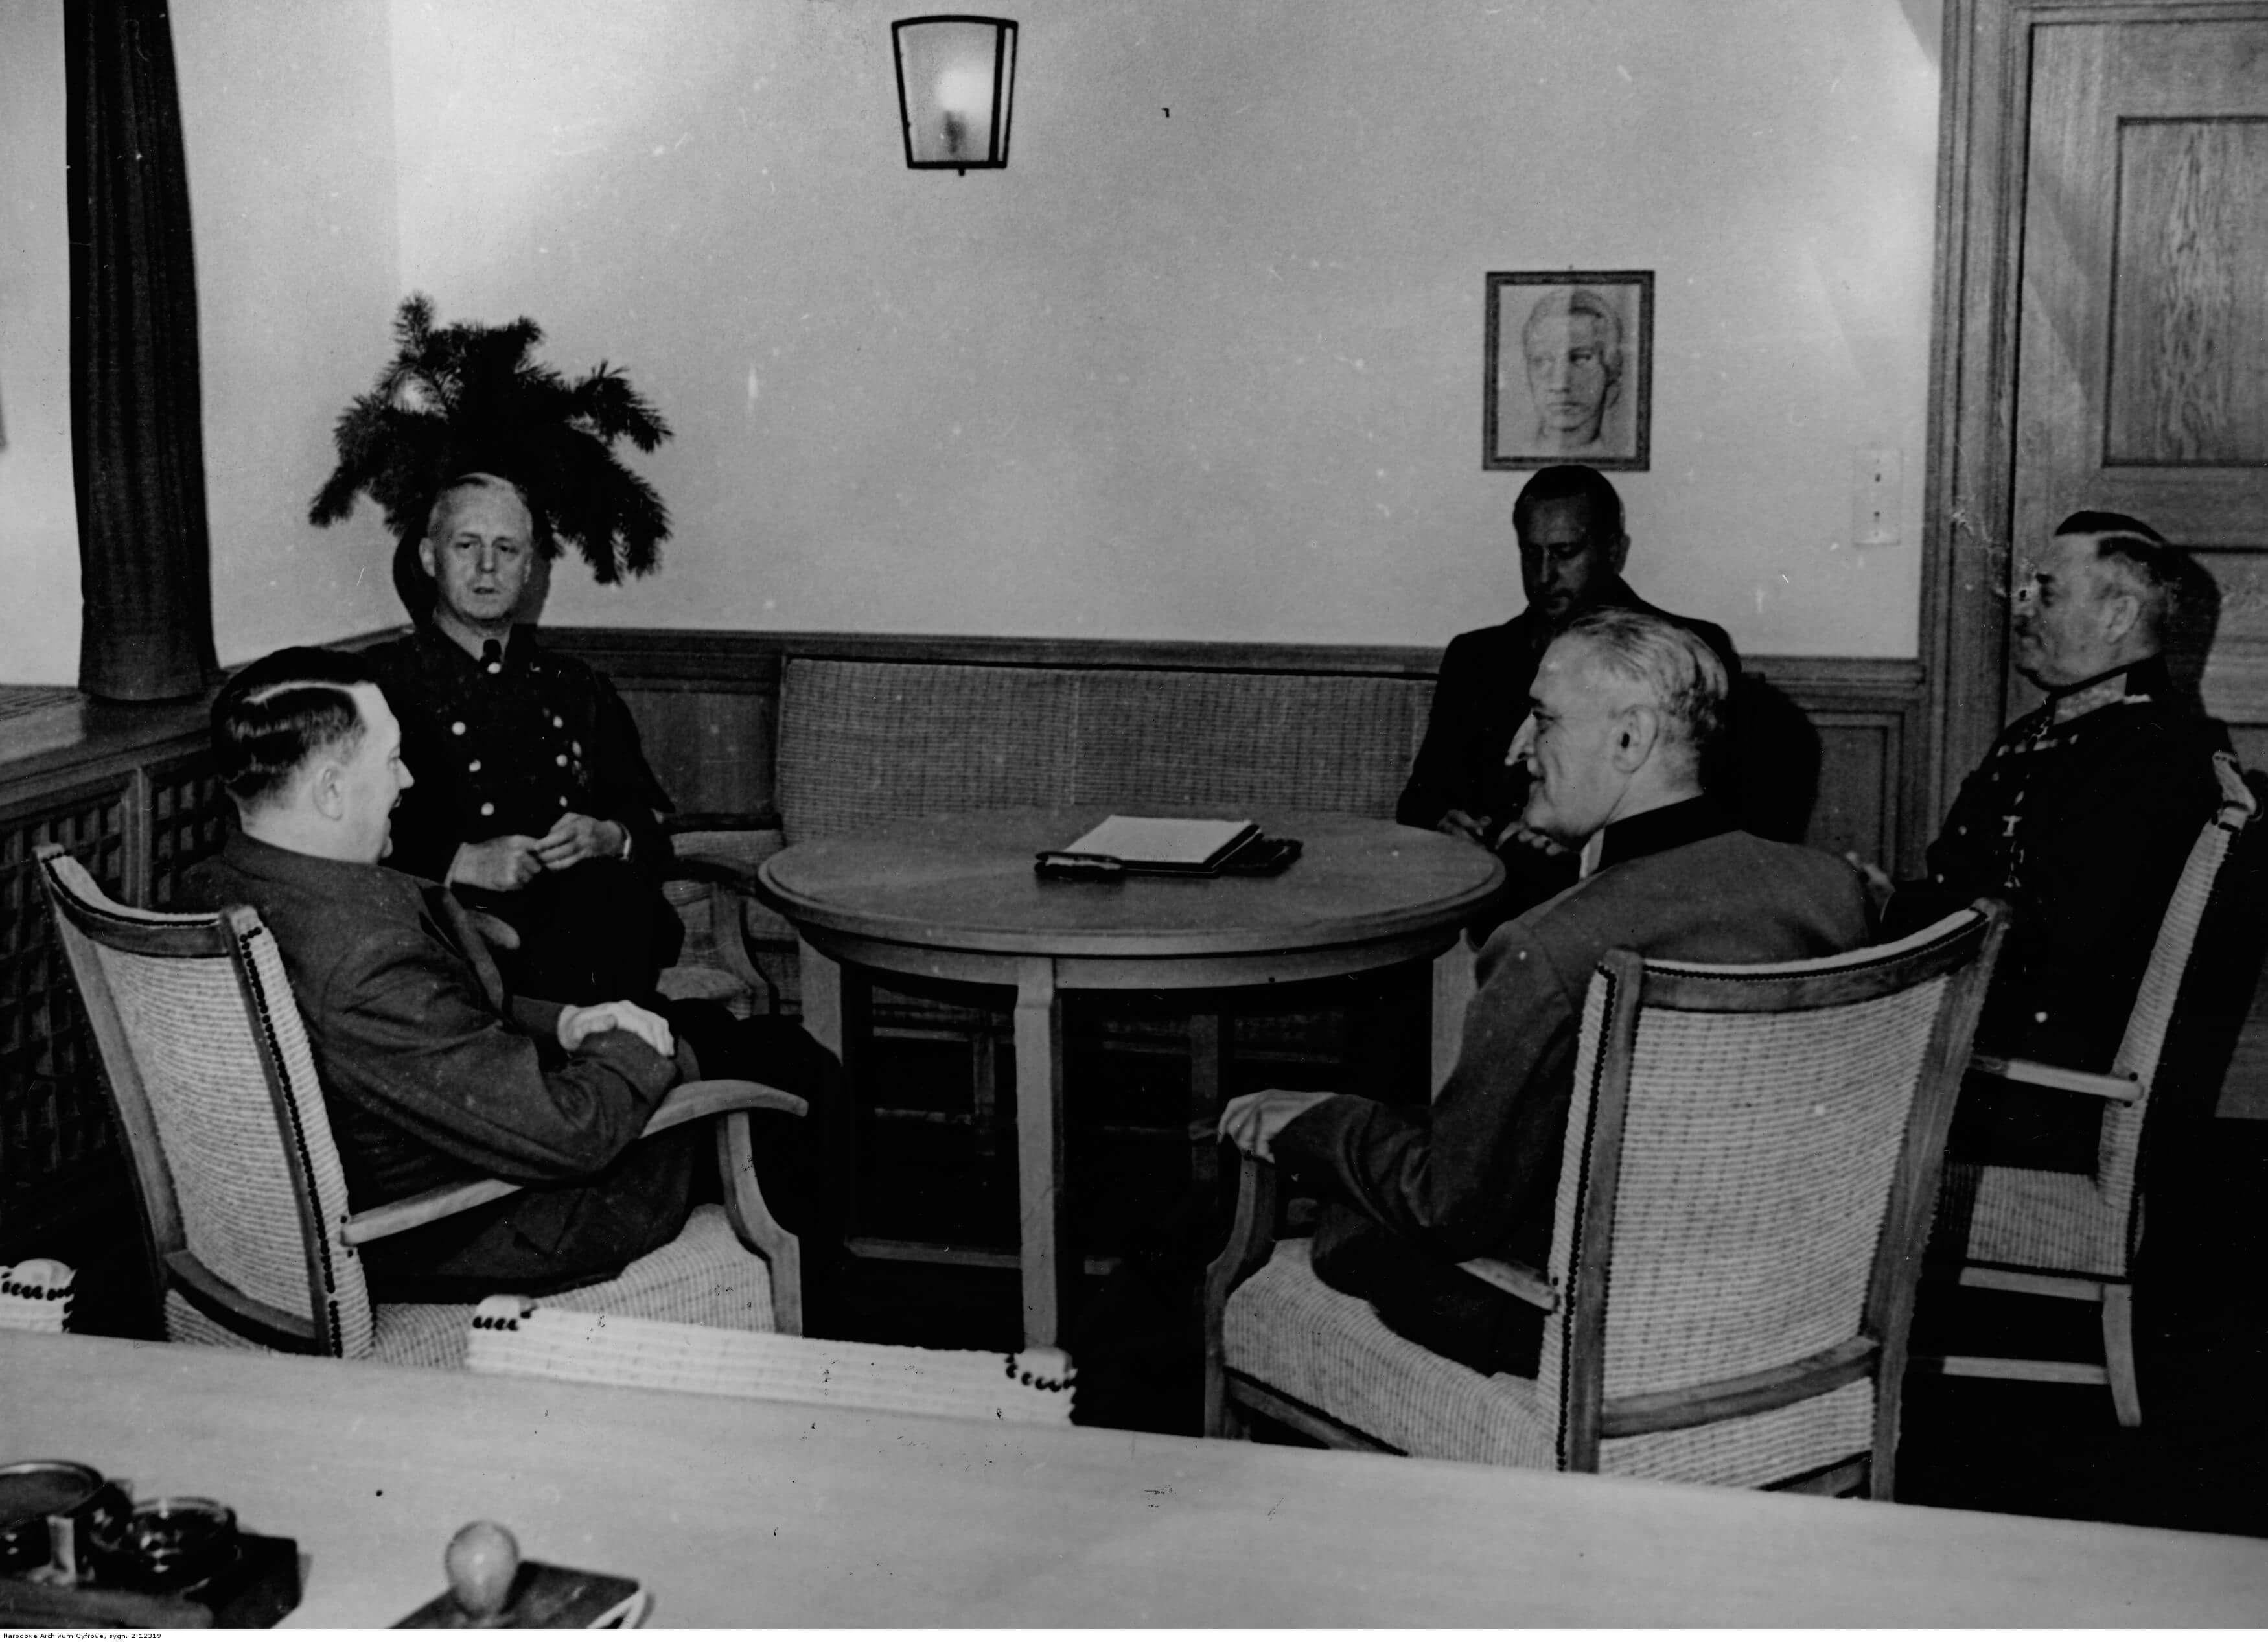 Marszałek Chorwacji Slavko Kvaternik z wizytą u Adolfa Hitlera w kwaterze głównej 1941